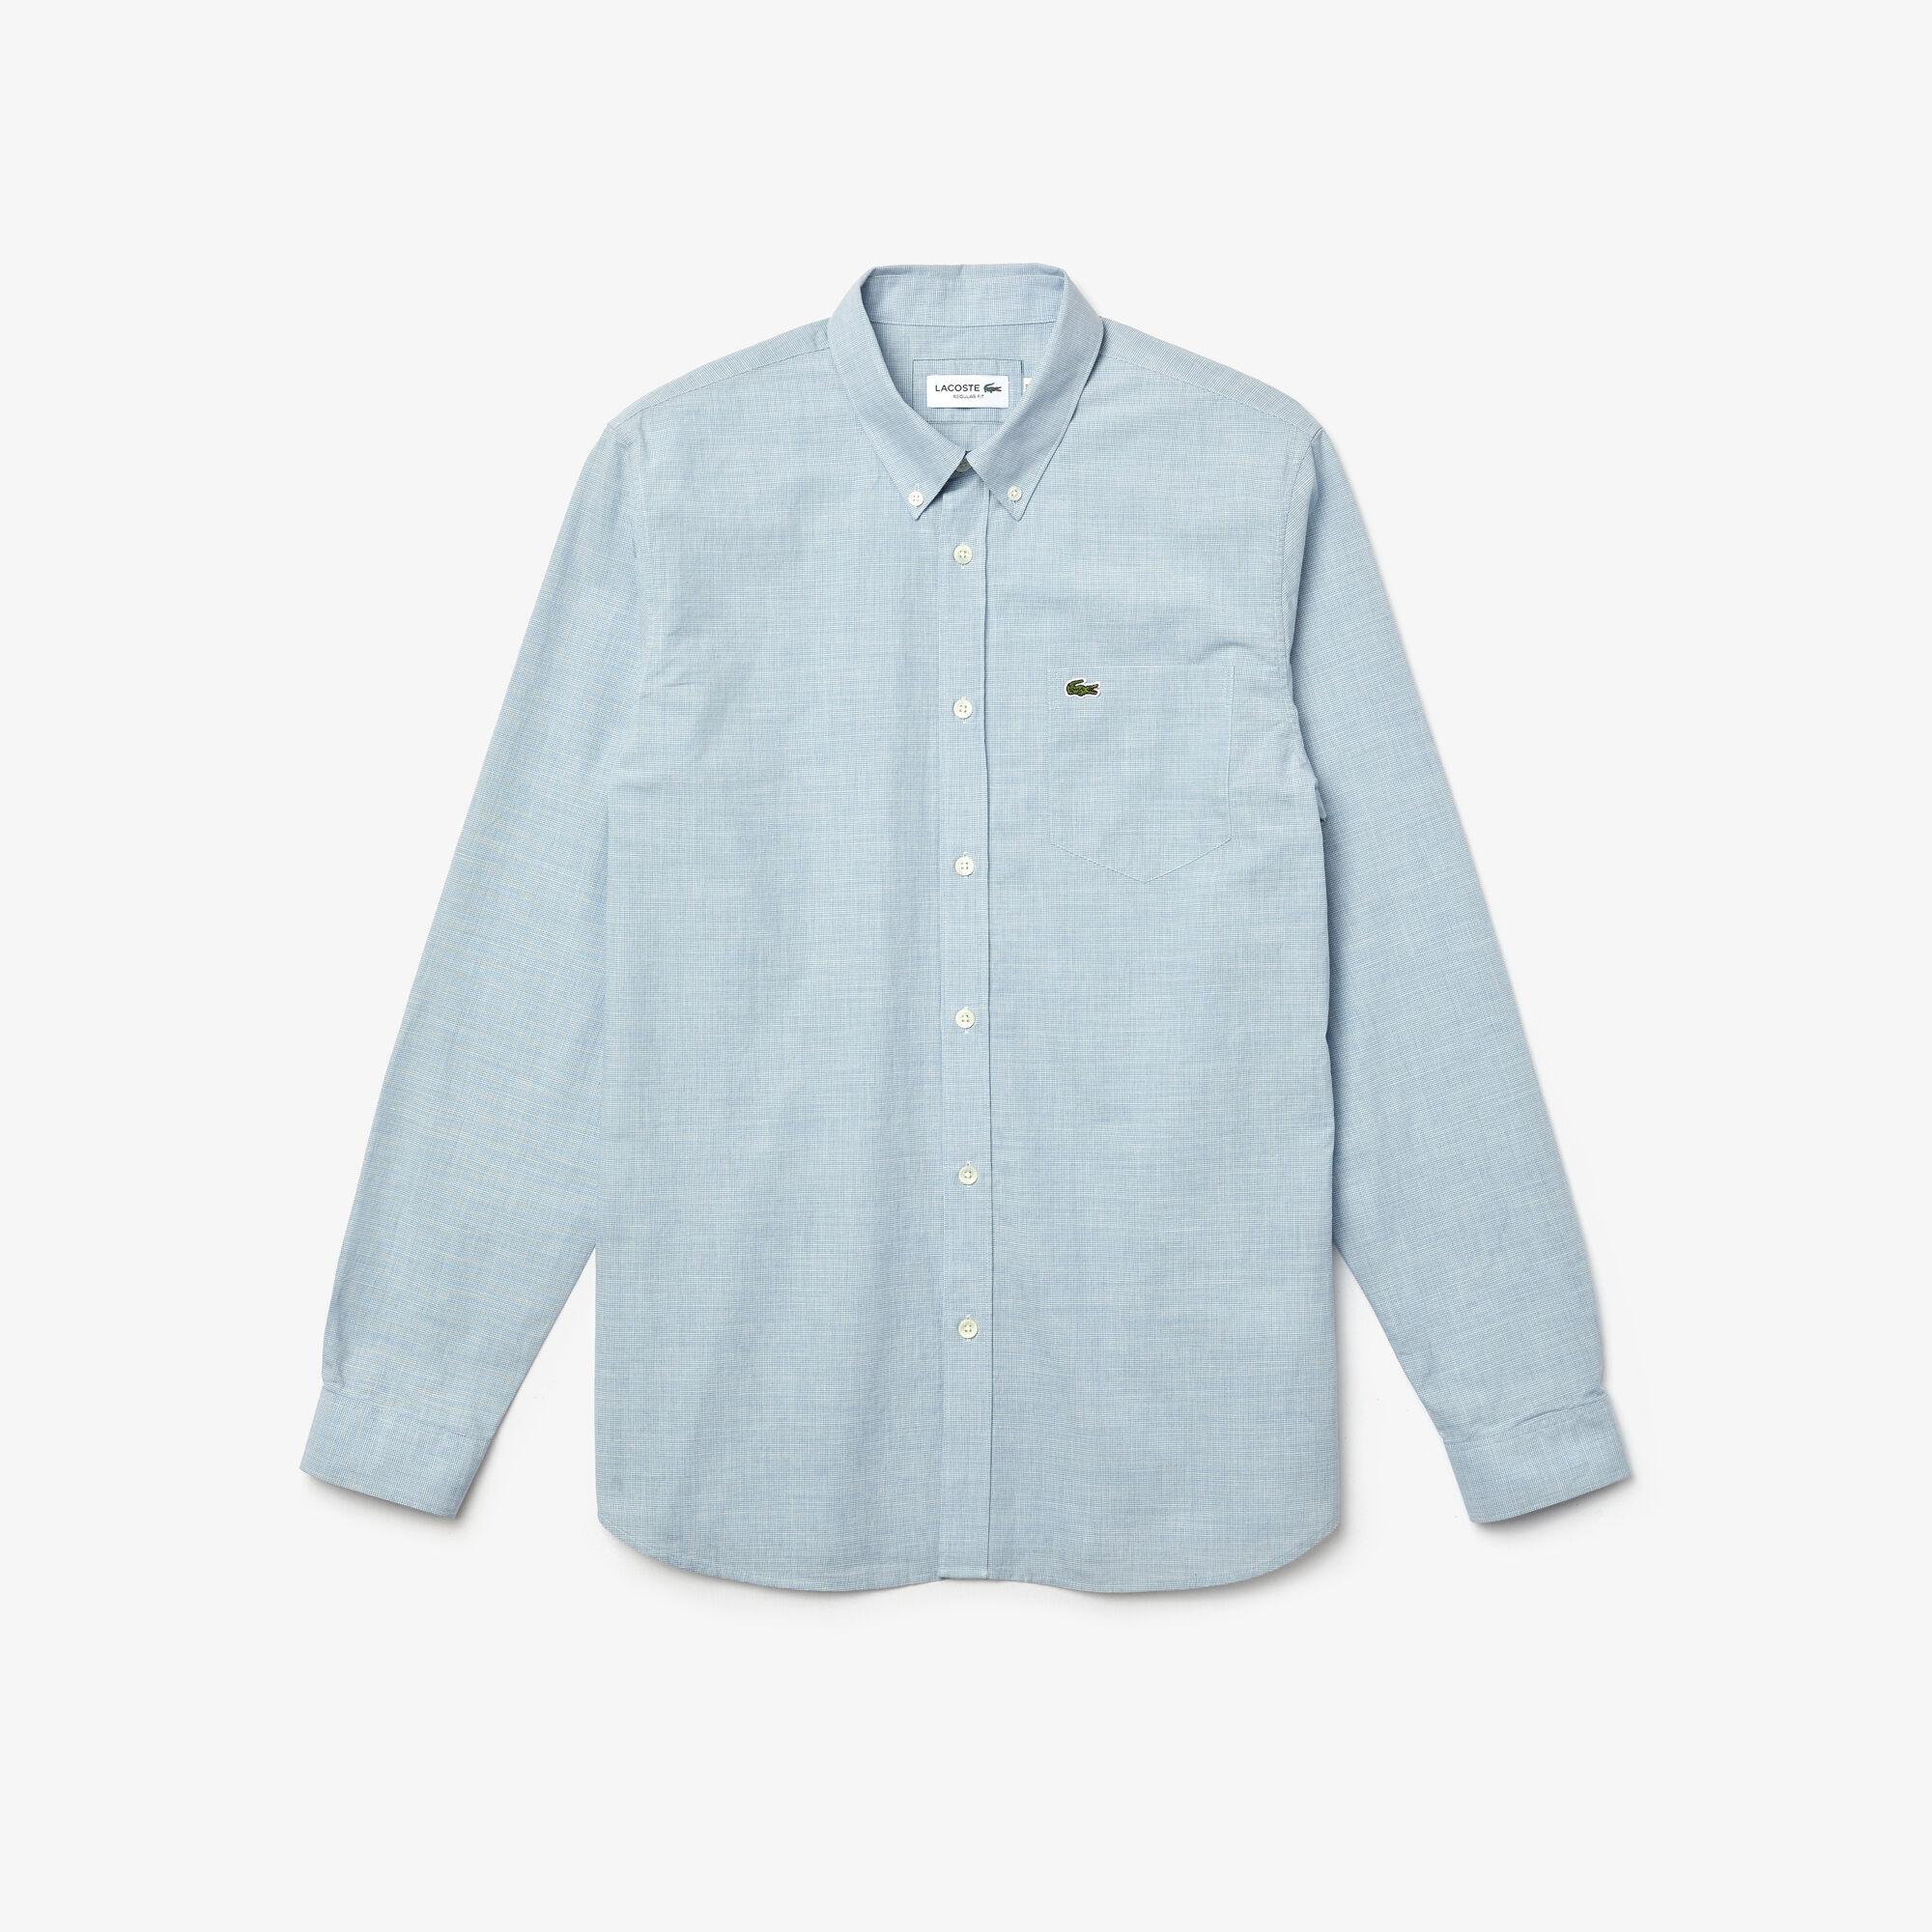 قميص قطن مع نقشة هاوندستوث صغيرة بقصة ضيقة للرجال